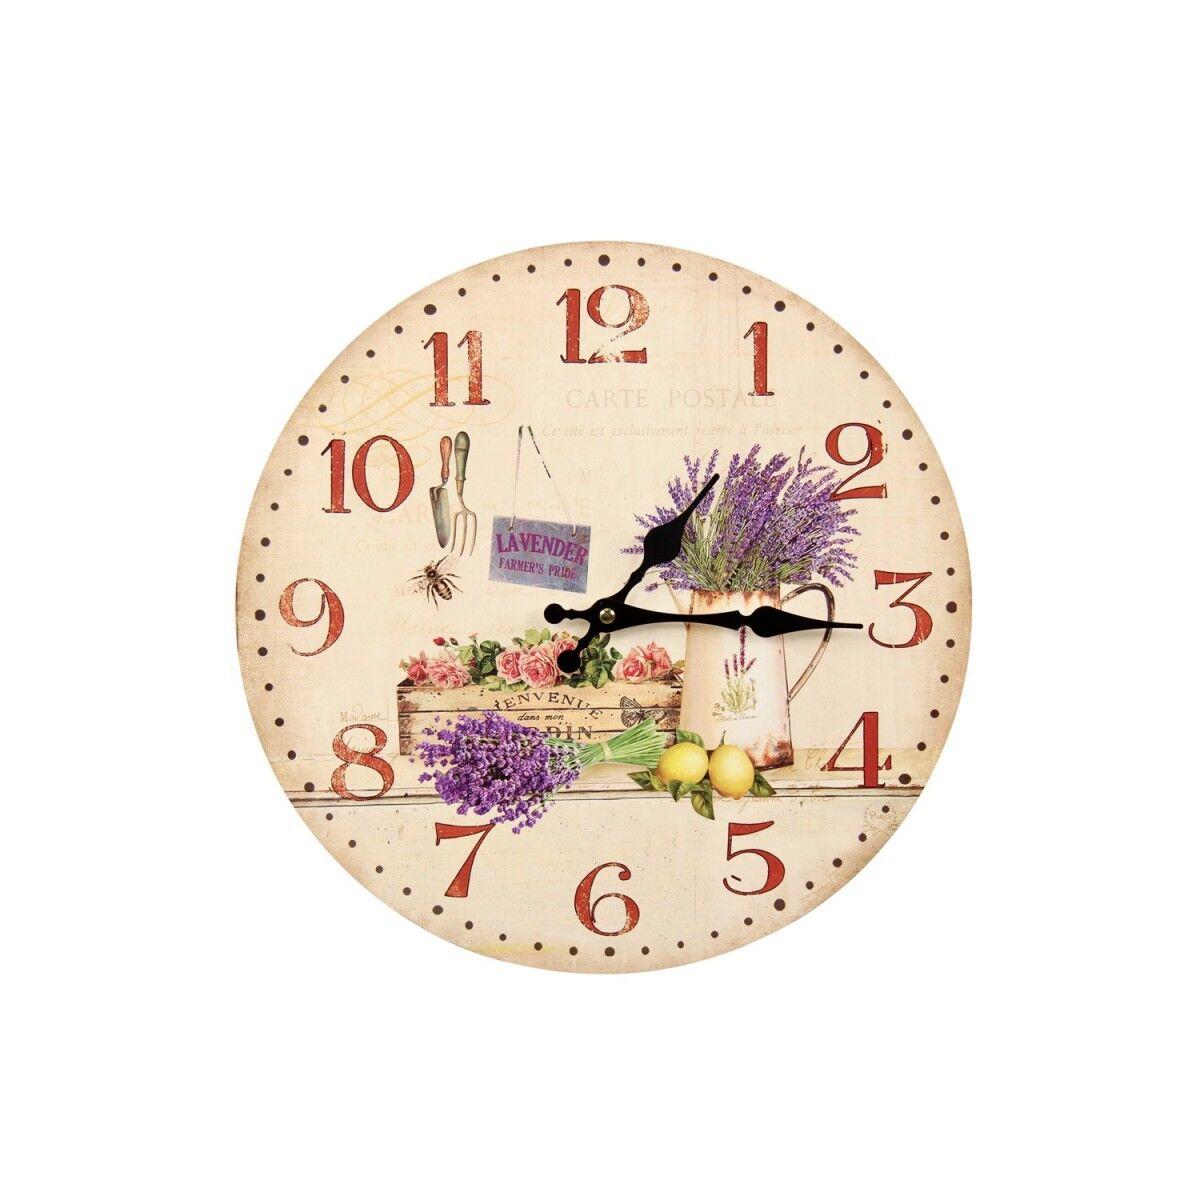 Décoration d'Autrefois Horloge Ancienne Murale Lavande Rose 34cm - Bois - Blanc